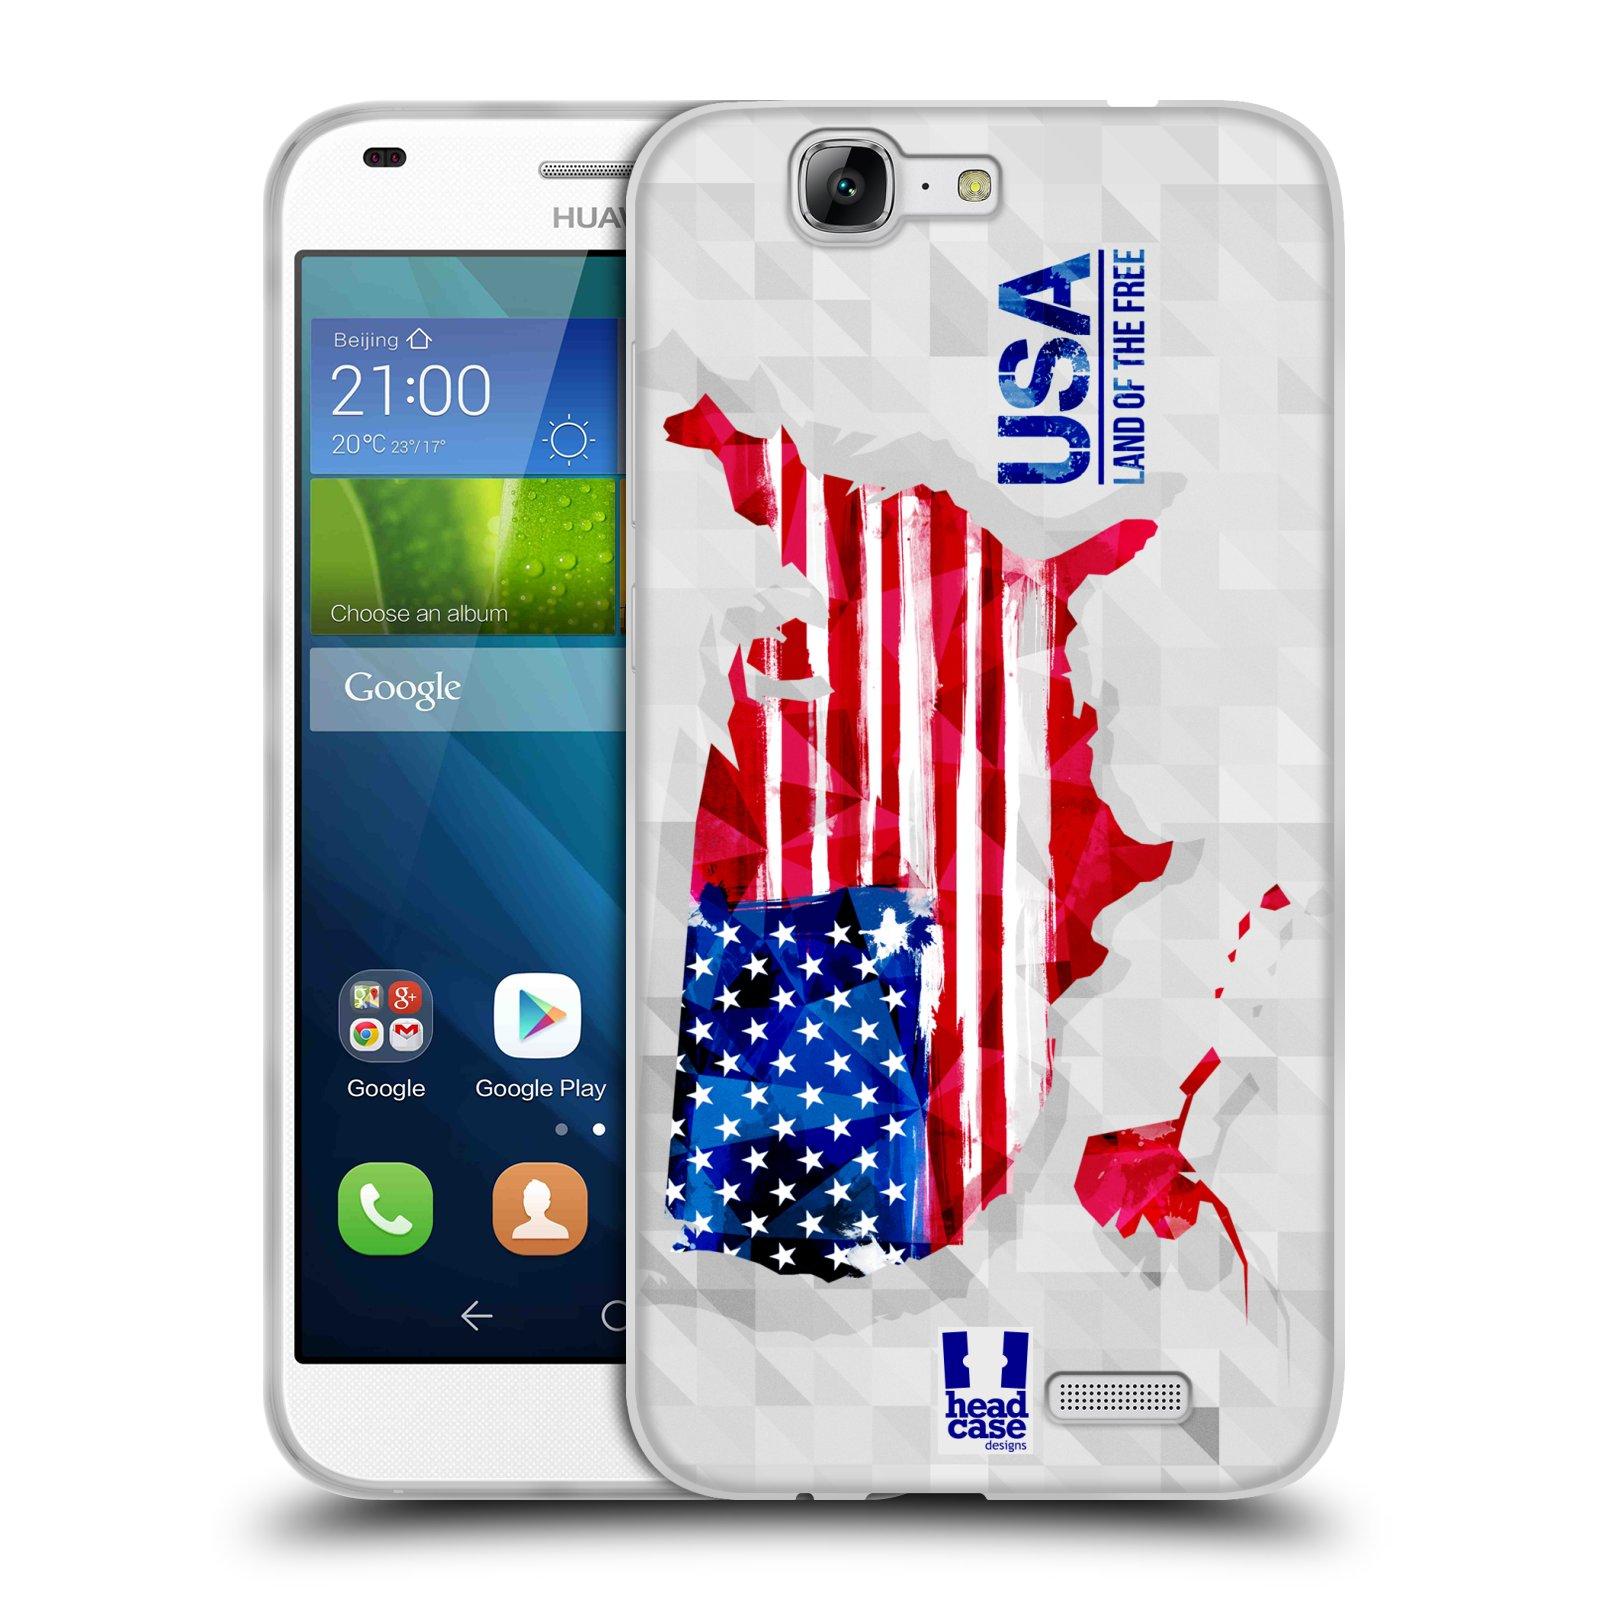 Silikonové pouzdro na mobil Huawei Ascend G7 HEAD CASE GEOMAPA USA (Silikonový kryt či obal na mobilní telefon Huawei Ascend G7)